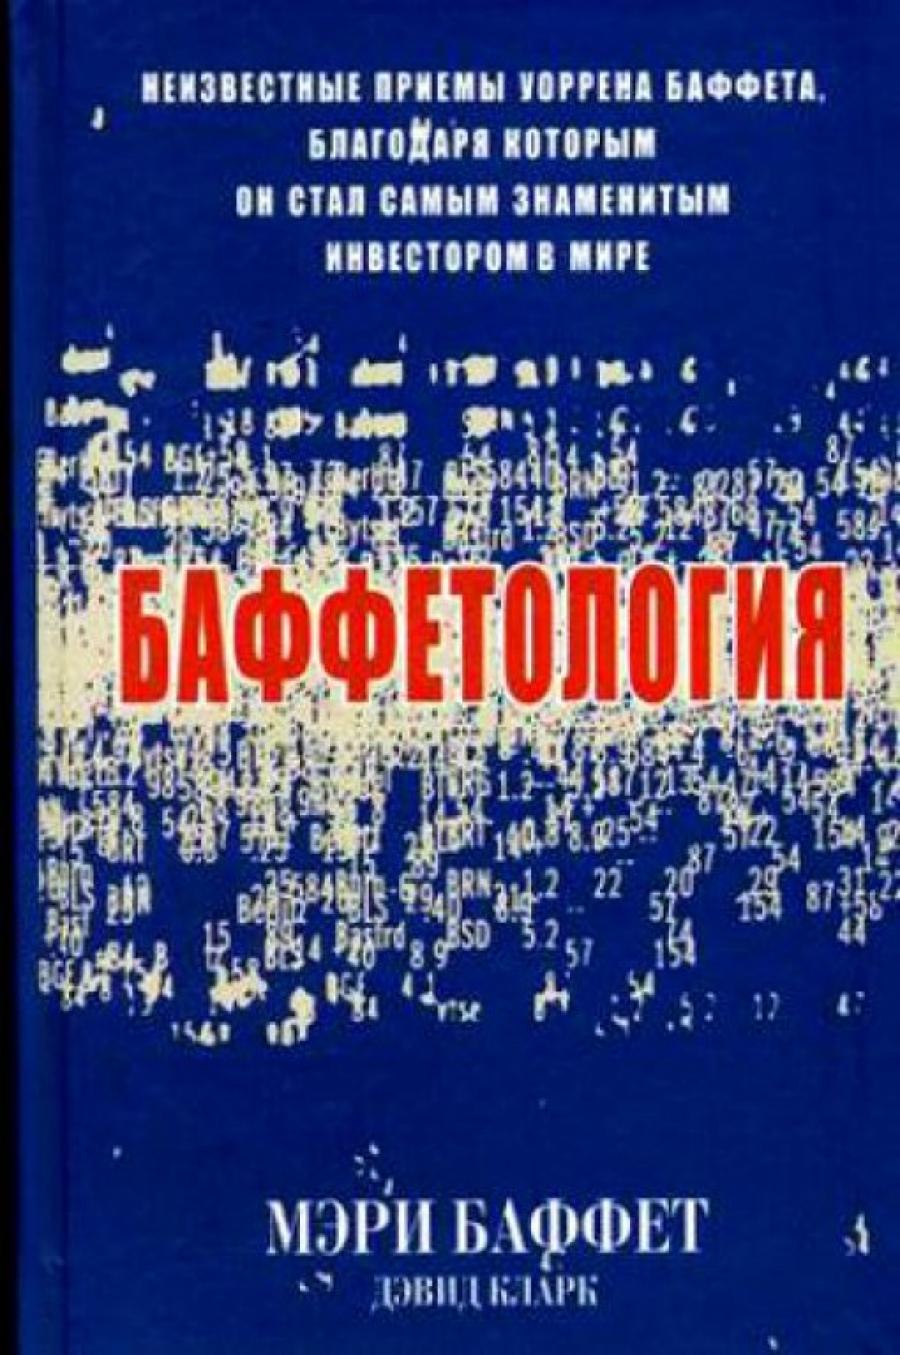 Обложка книги:  баффет м., кларк д. - баффетология